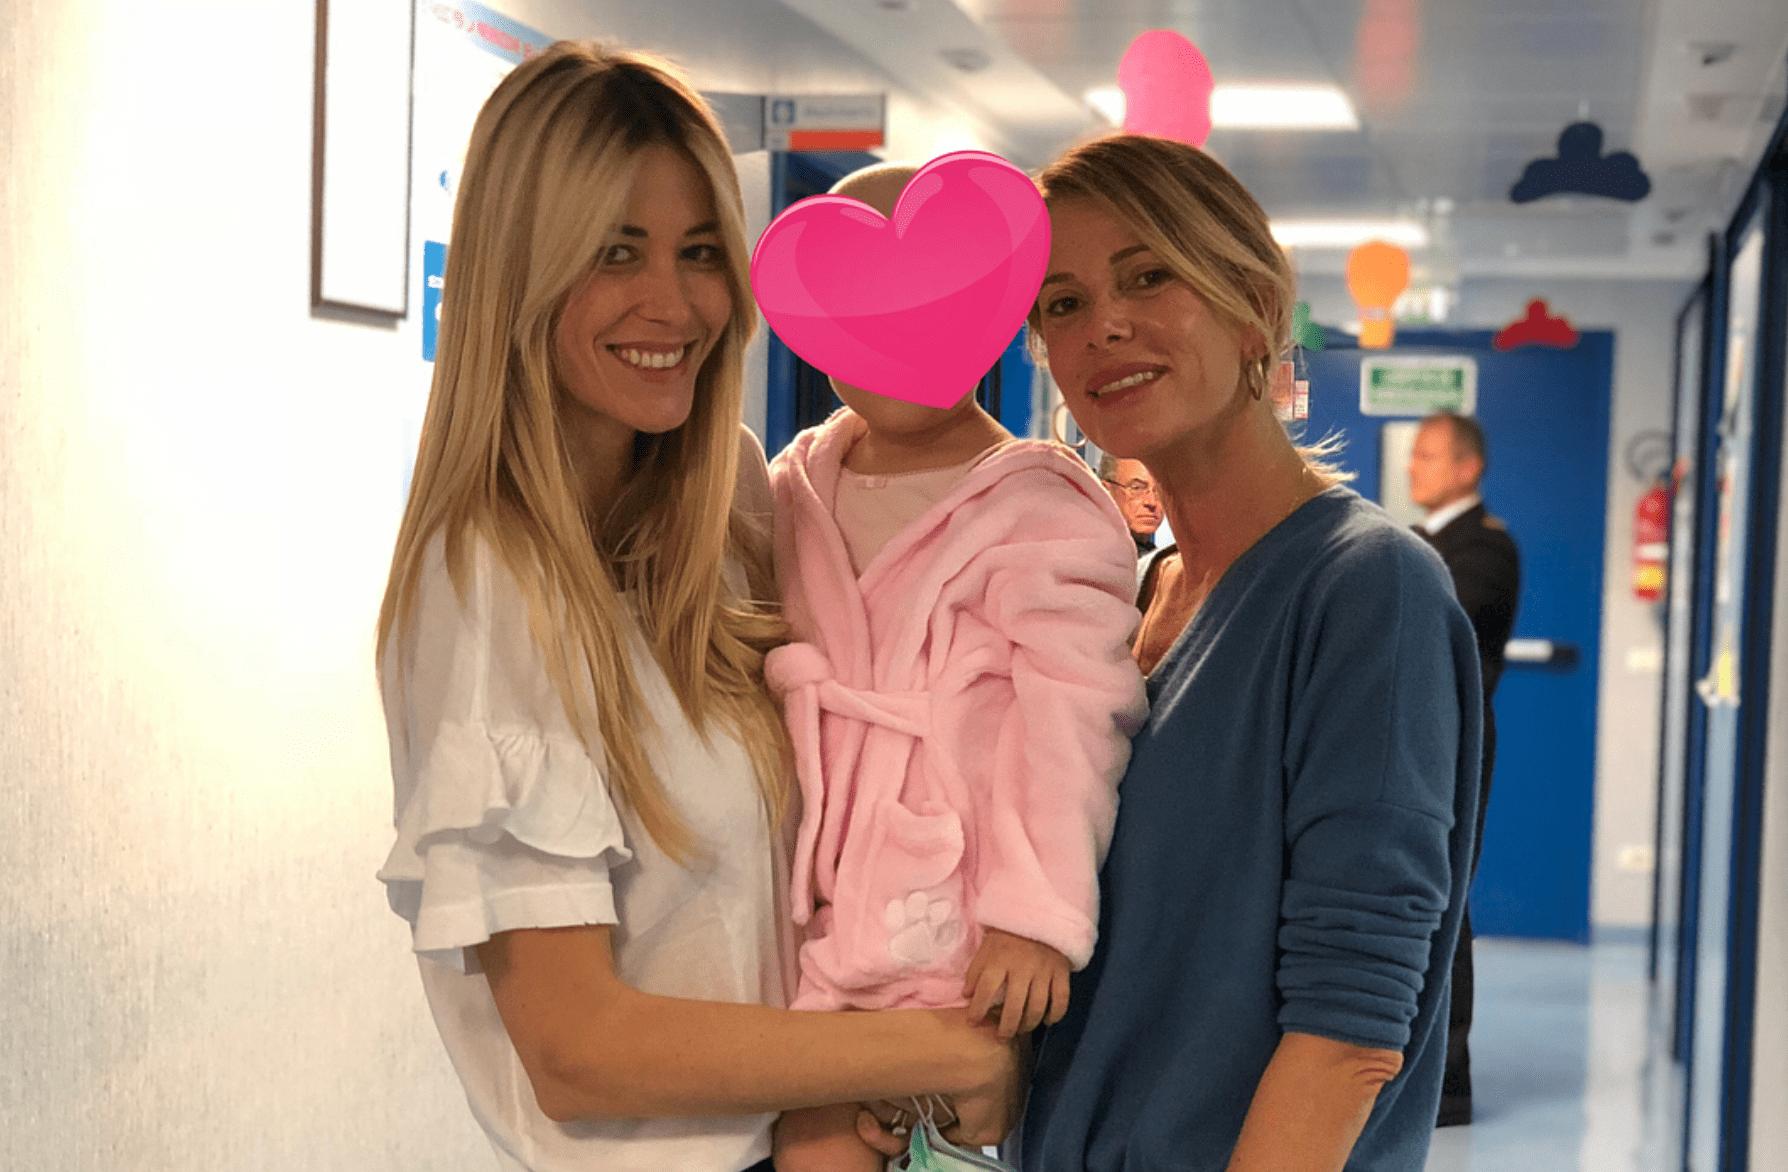 Alessia Marcuzzi accompagna Elena Santarelli in ospedale dal figlio malato: 'Amica mia, sei una guerriera'